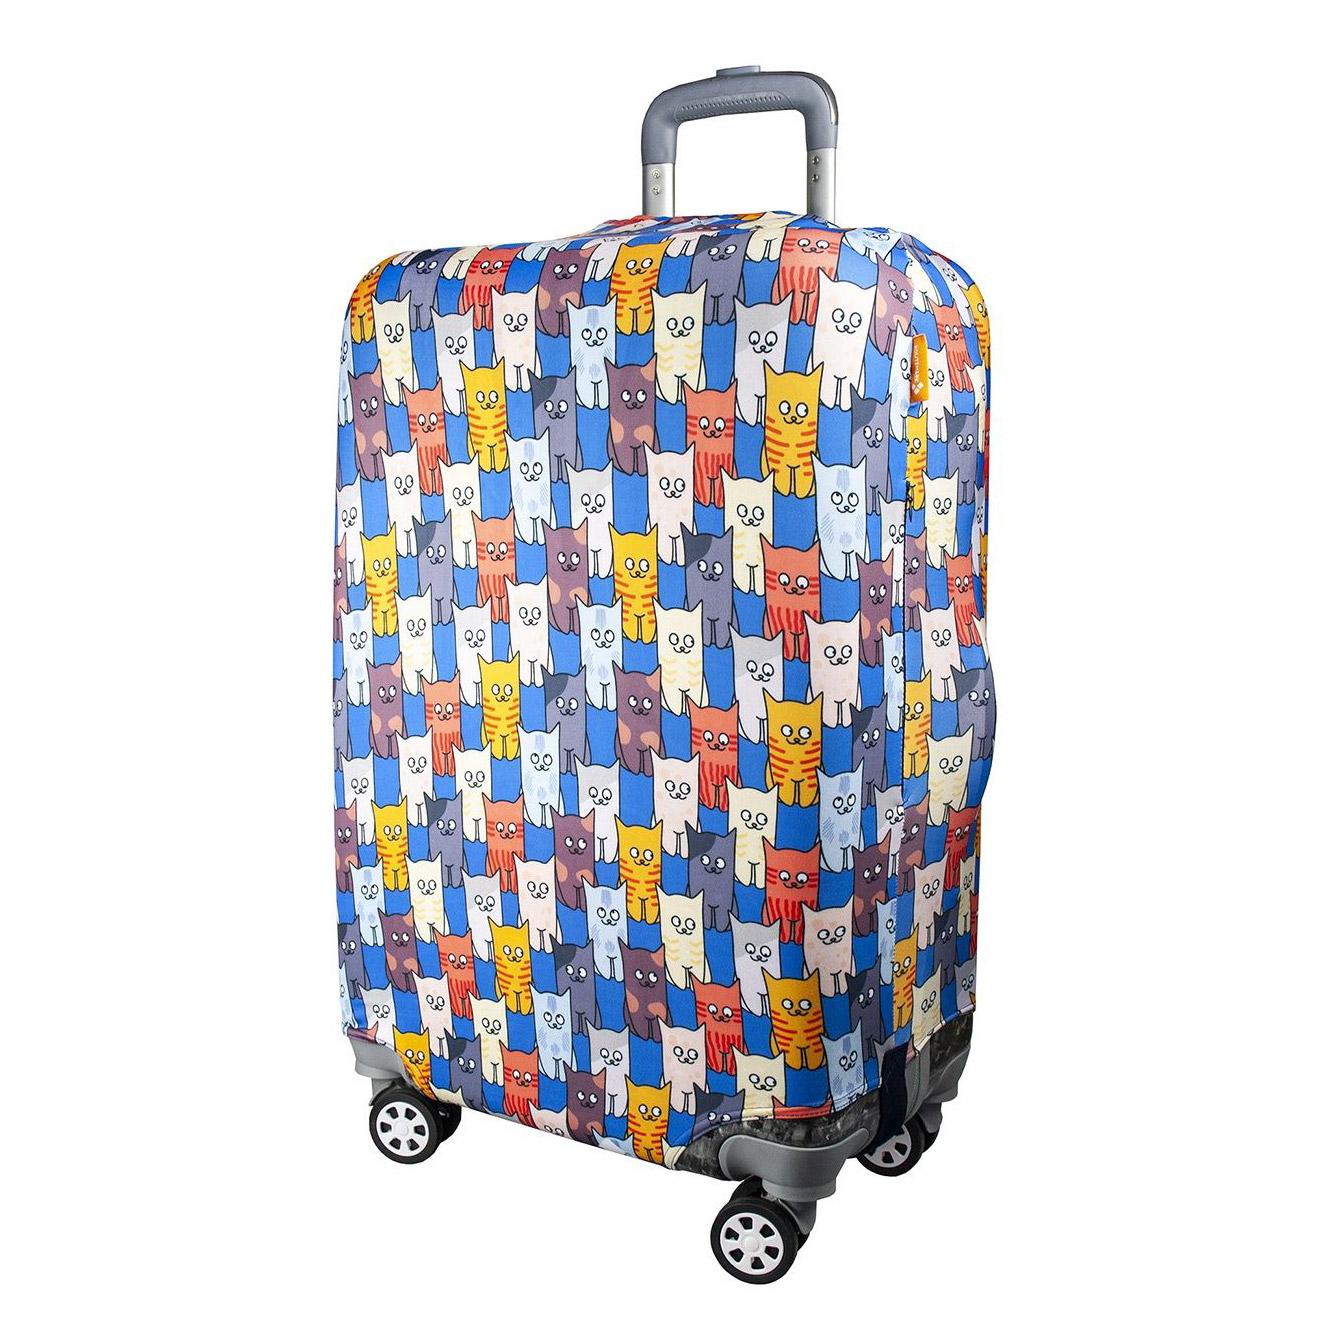 Чехол для чемодана Routemark Шкодастрофа S чехол для чемодана routemark искры и блестки art lebedev sp310 s фиолетовый